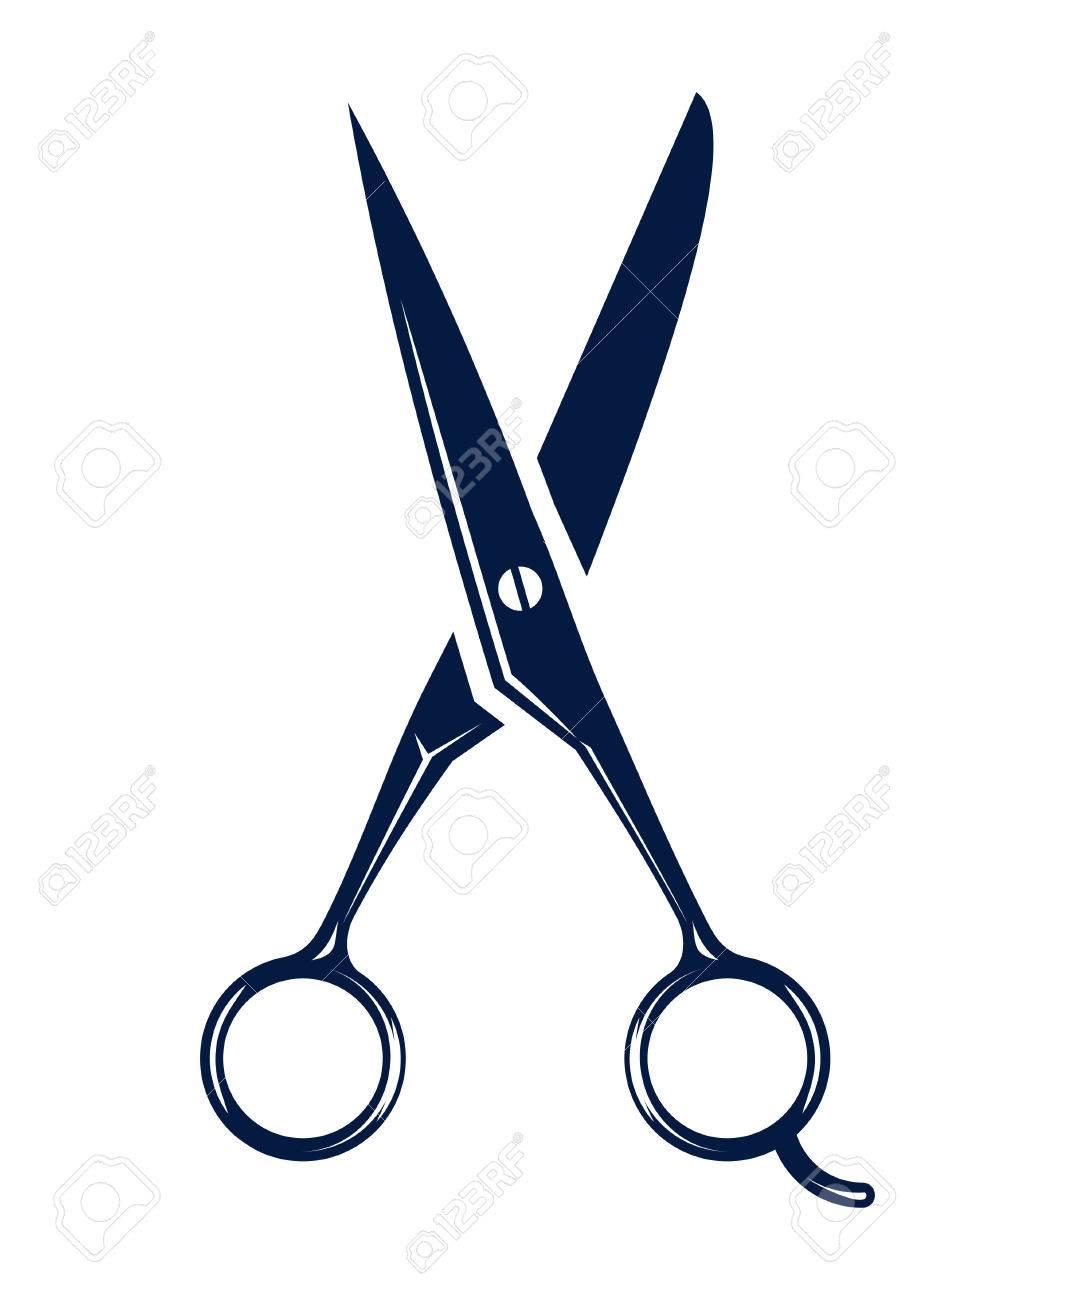 Salon scissors clipart 3 » Clipart Station.